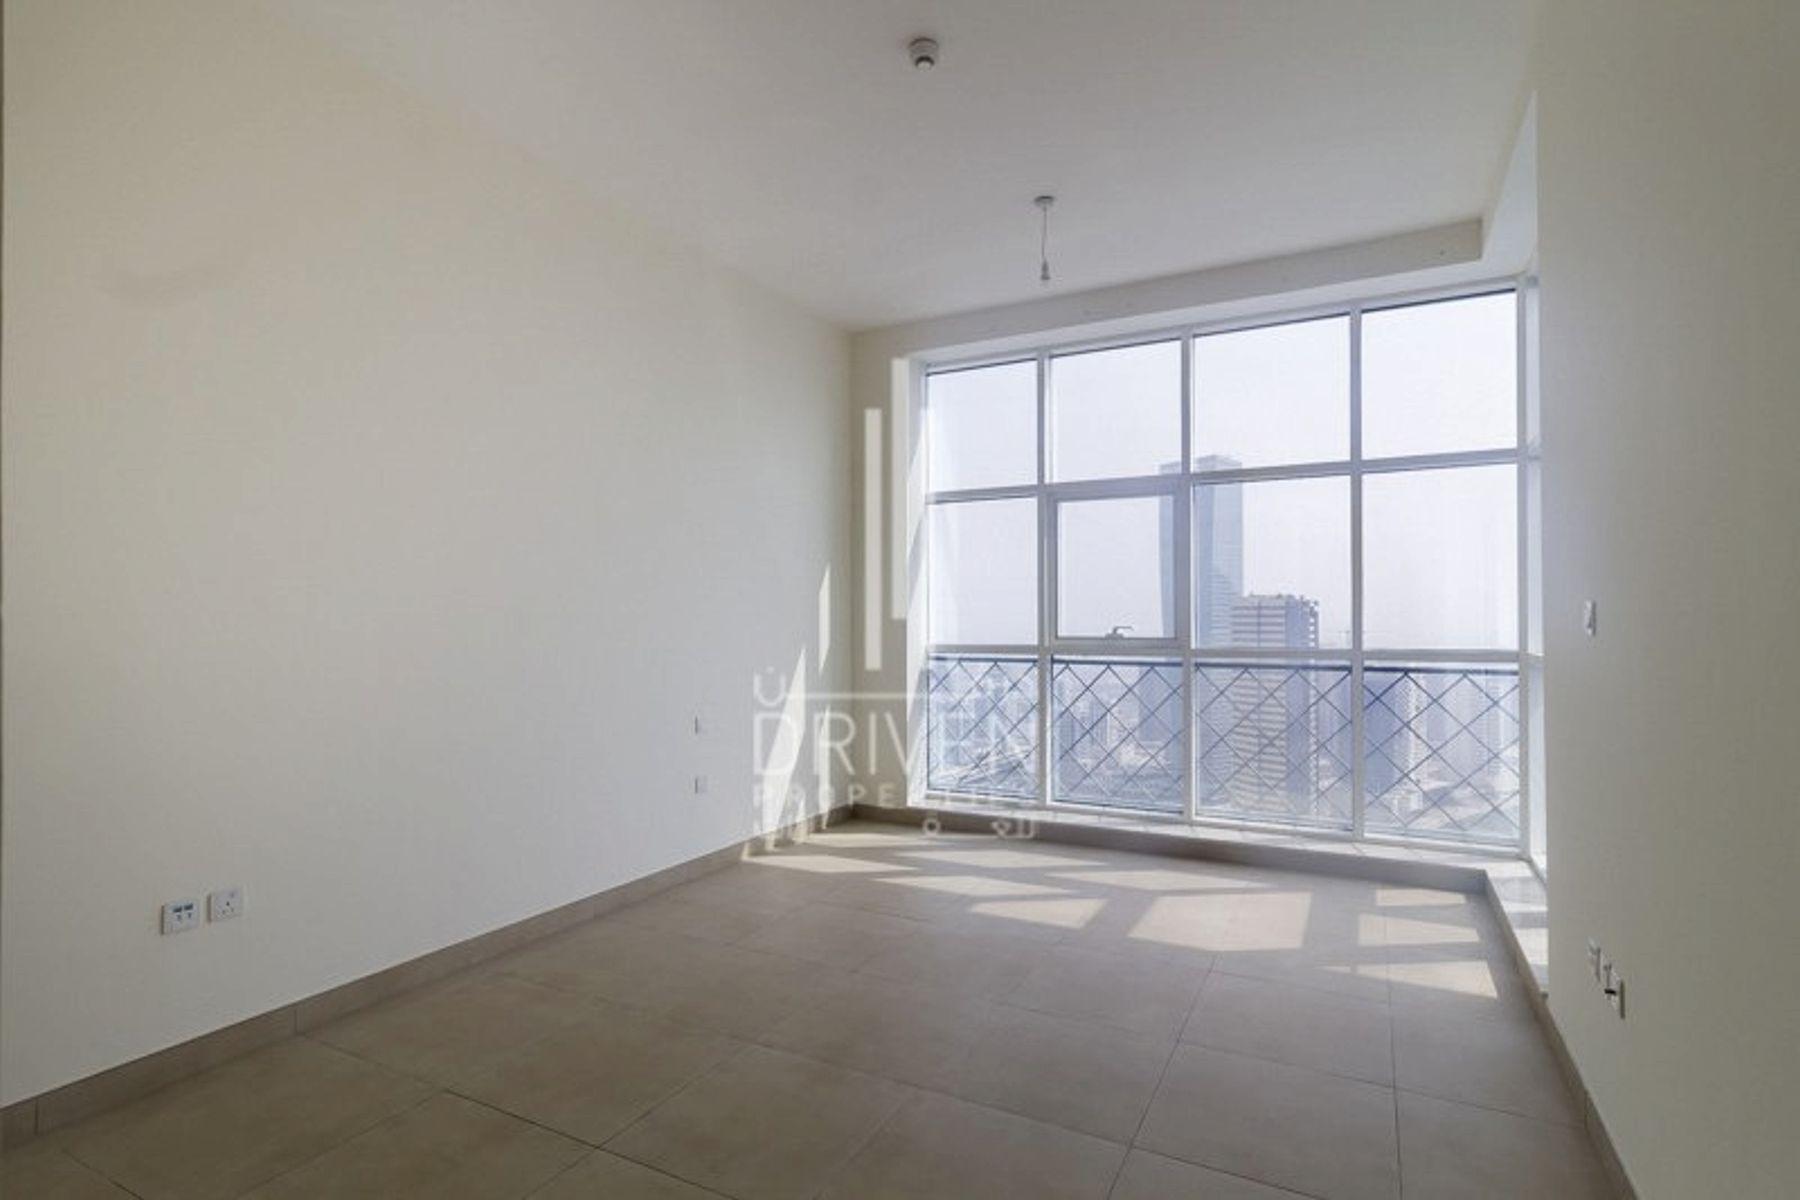 للايجار - شقة - برج وستبيري 1 - الخليج التجاري